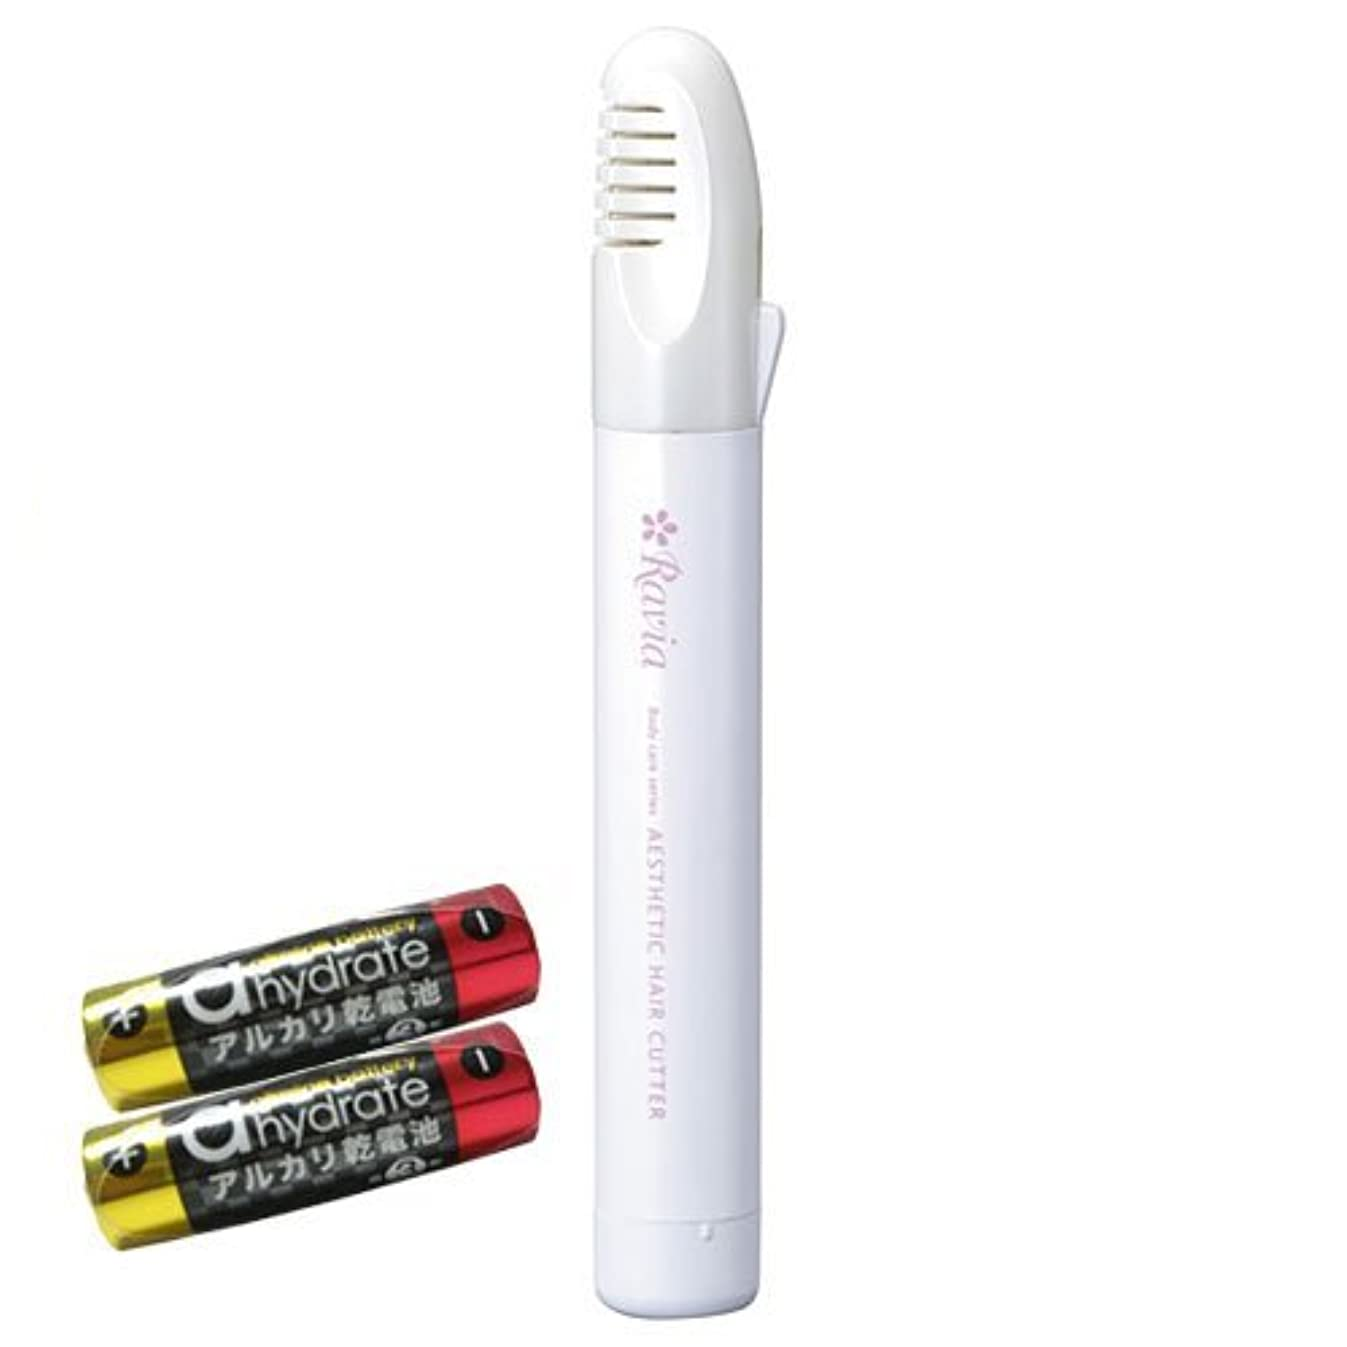 かすかな防腐剤受け入れるラヴィア ボディケアシリーズ Vライントリマー ホワイト(コームなし) + 単3アルカリ電池2本付